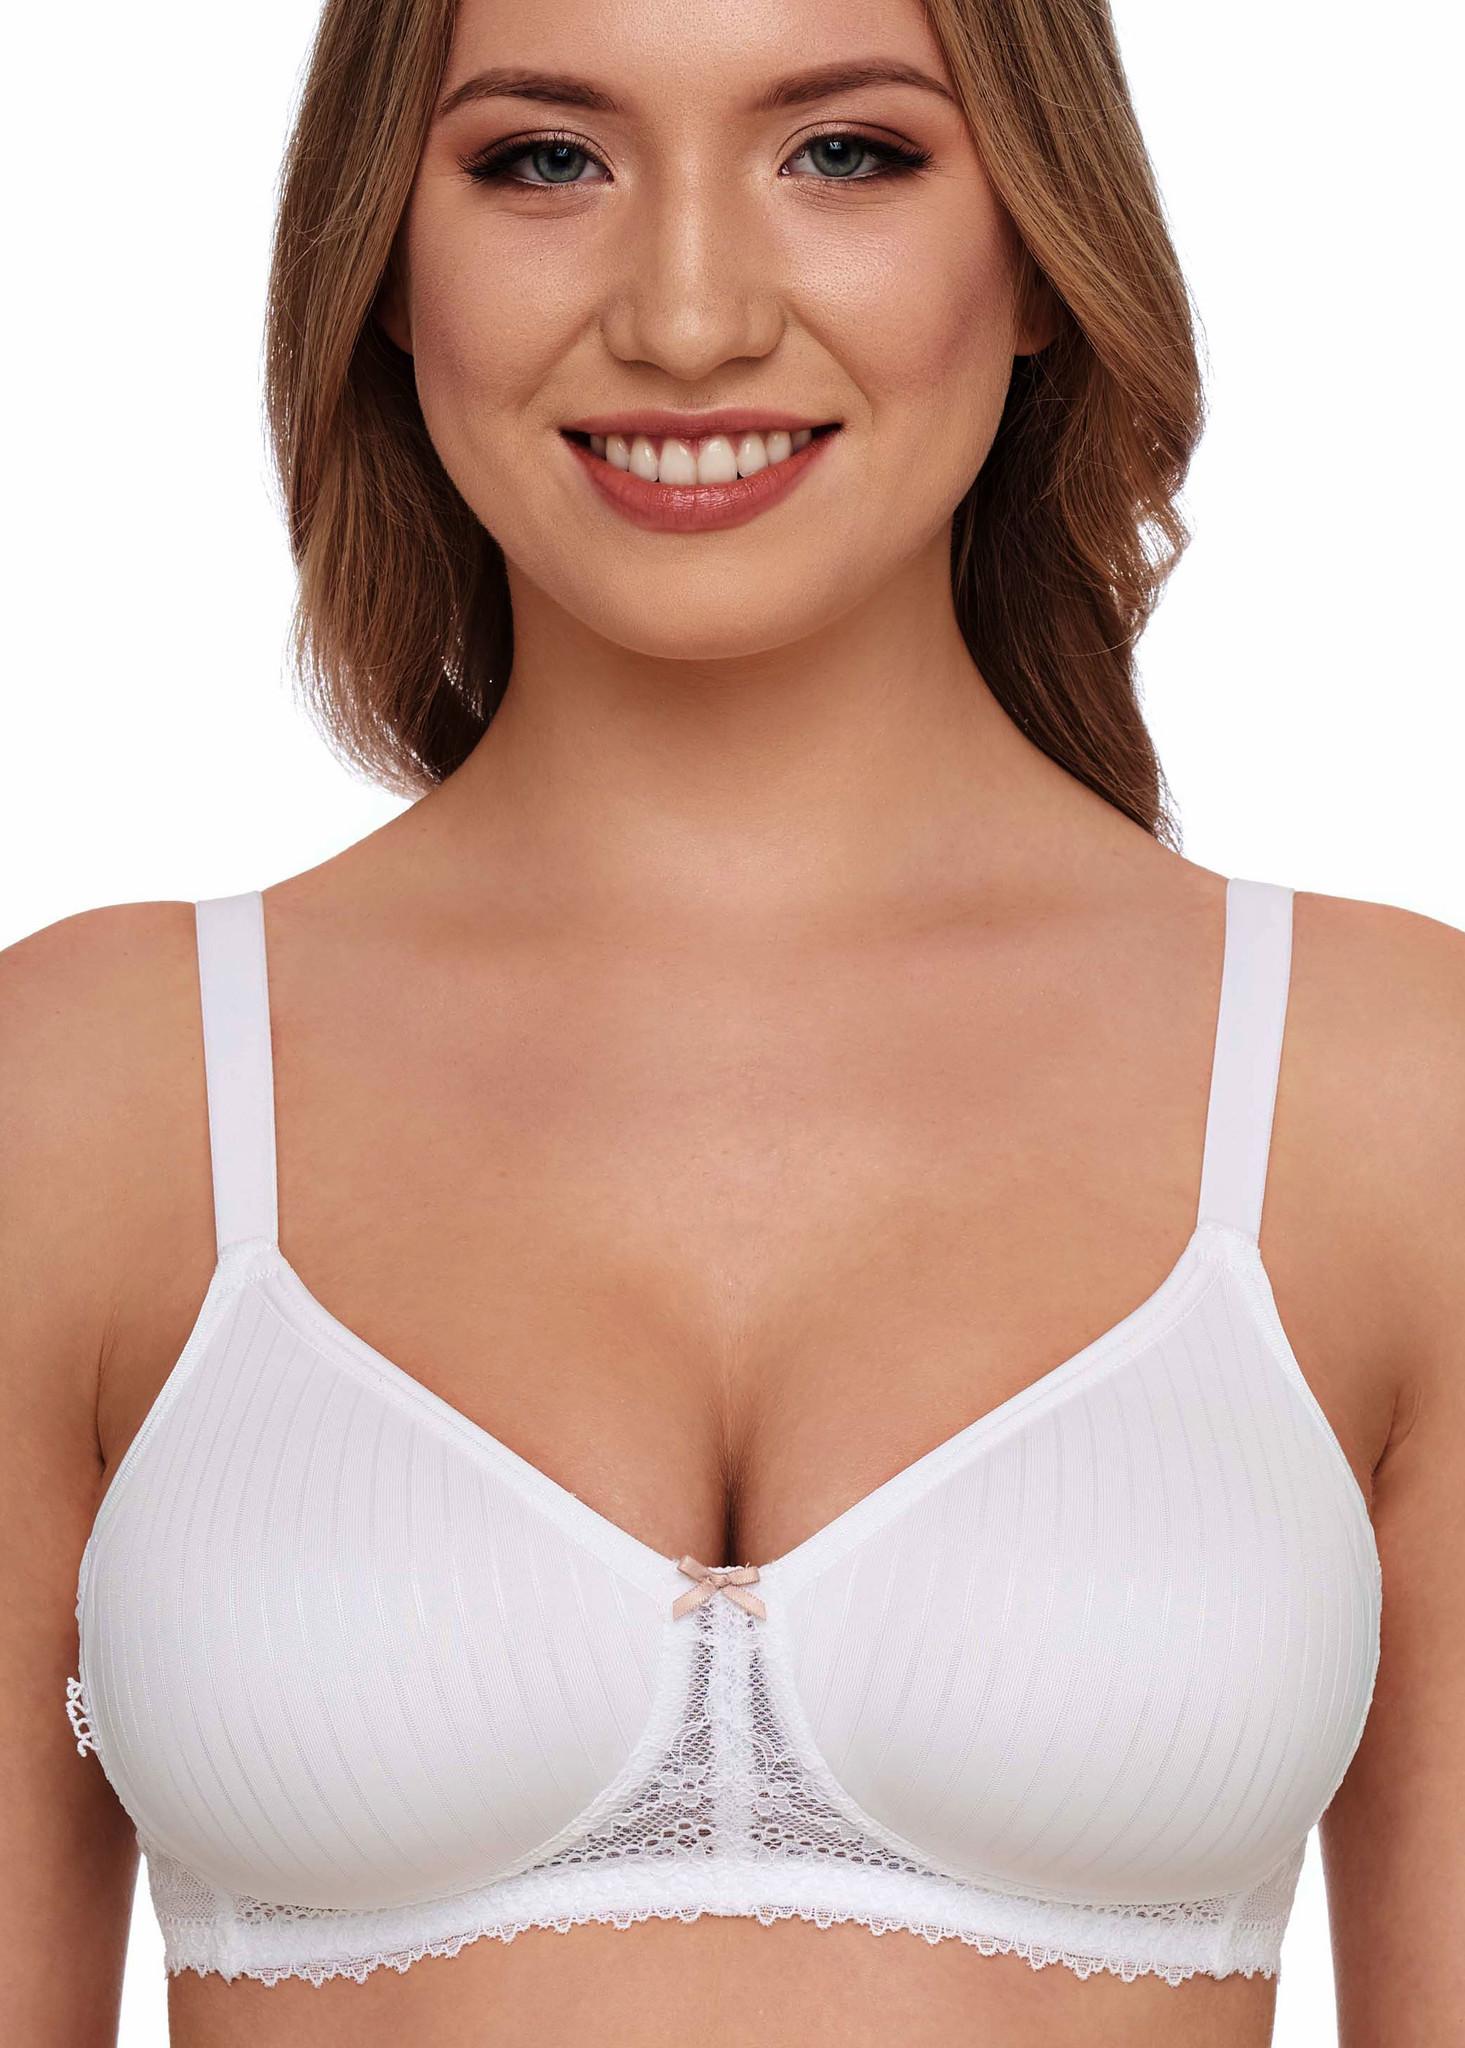 Nuance Bralette-BH ohne Bügel mit dekorativem Rücken aus